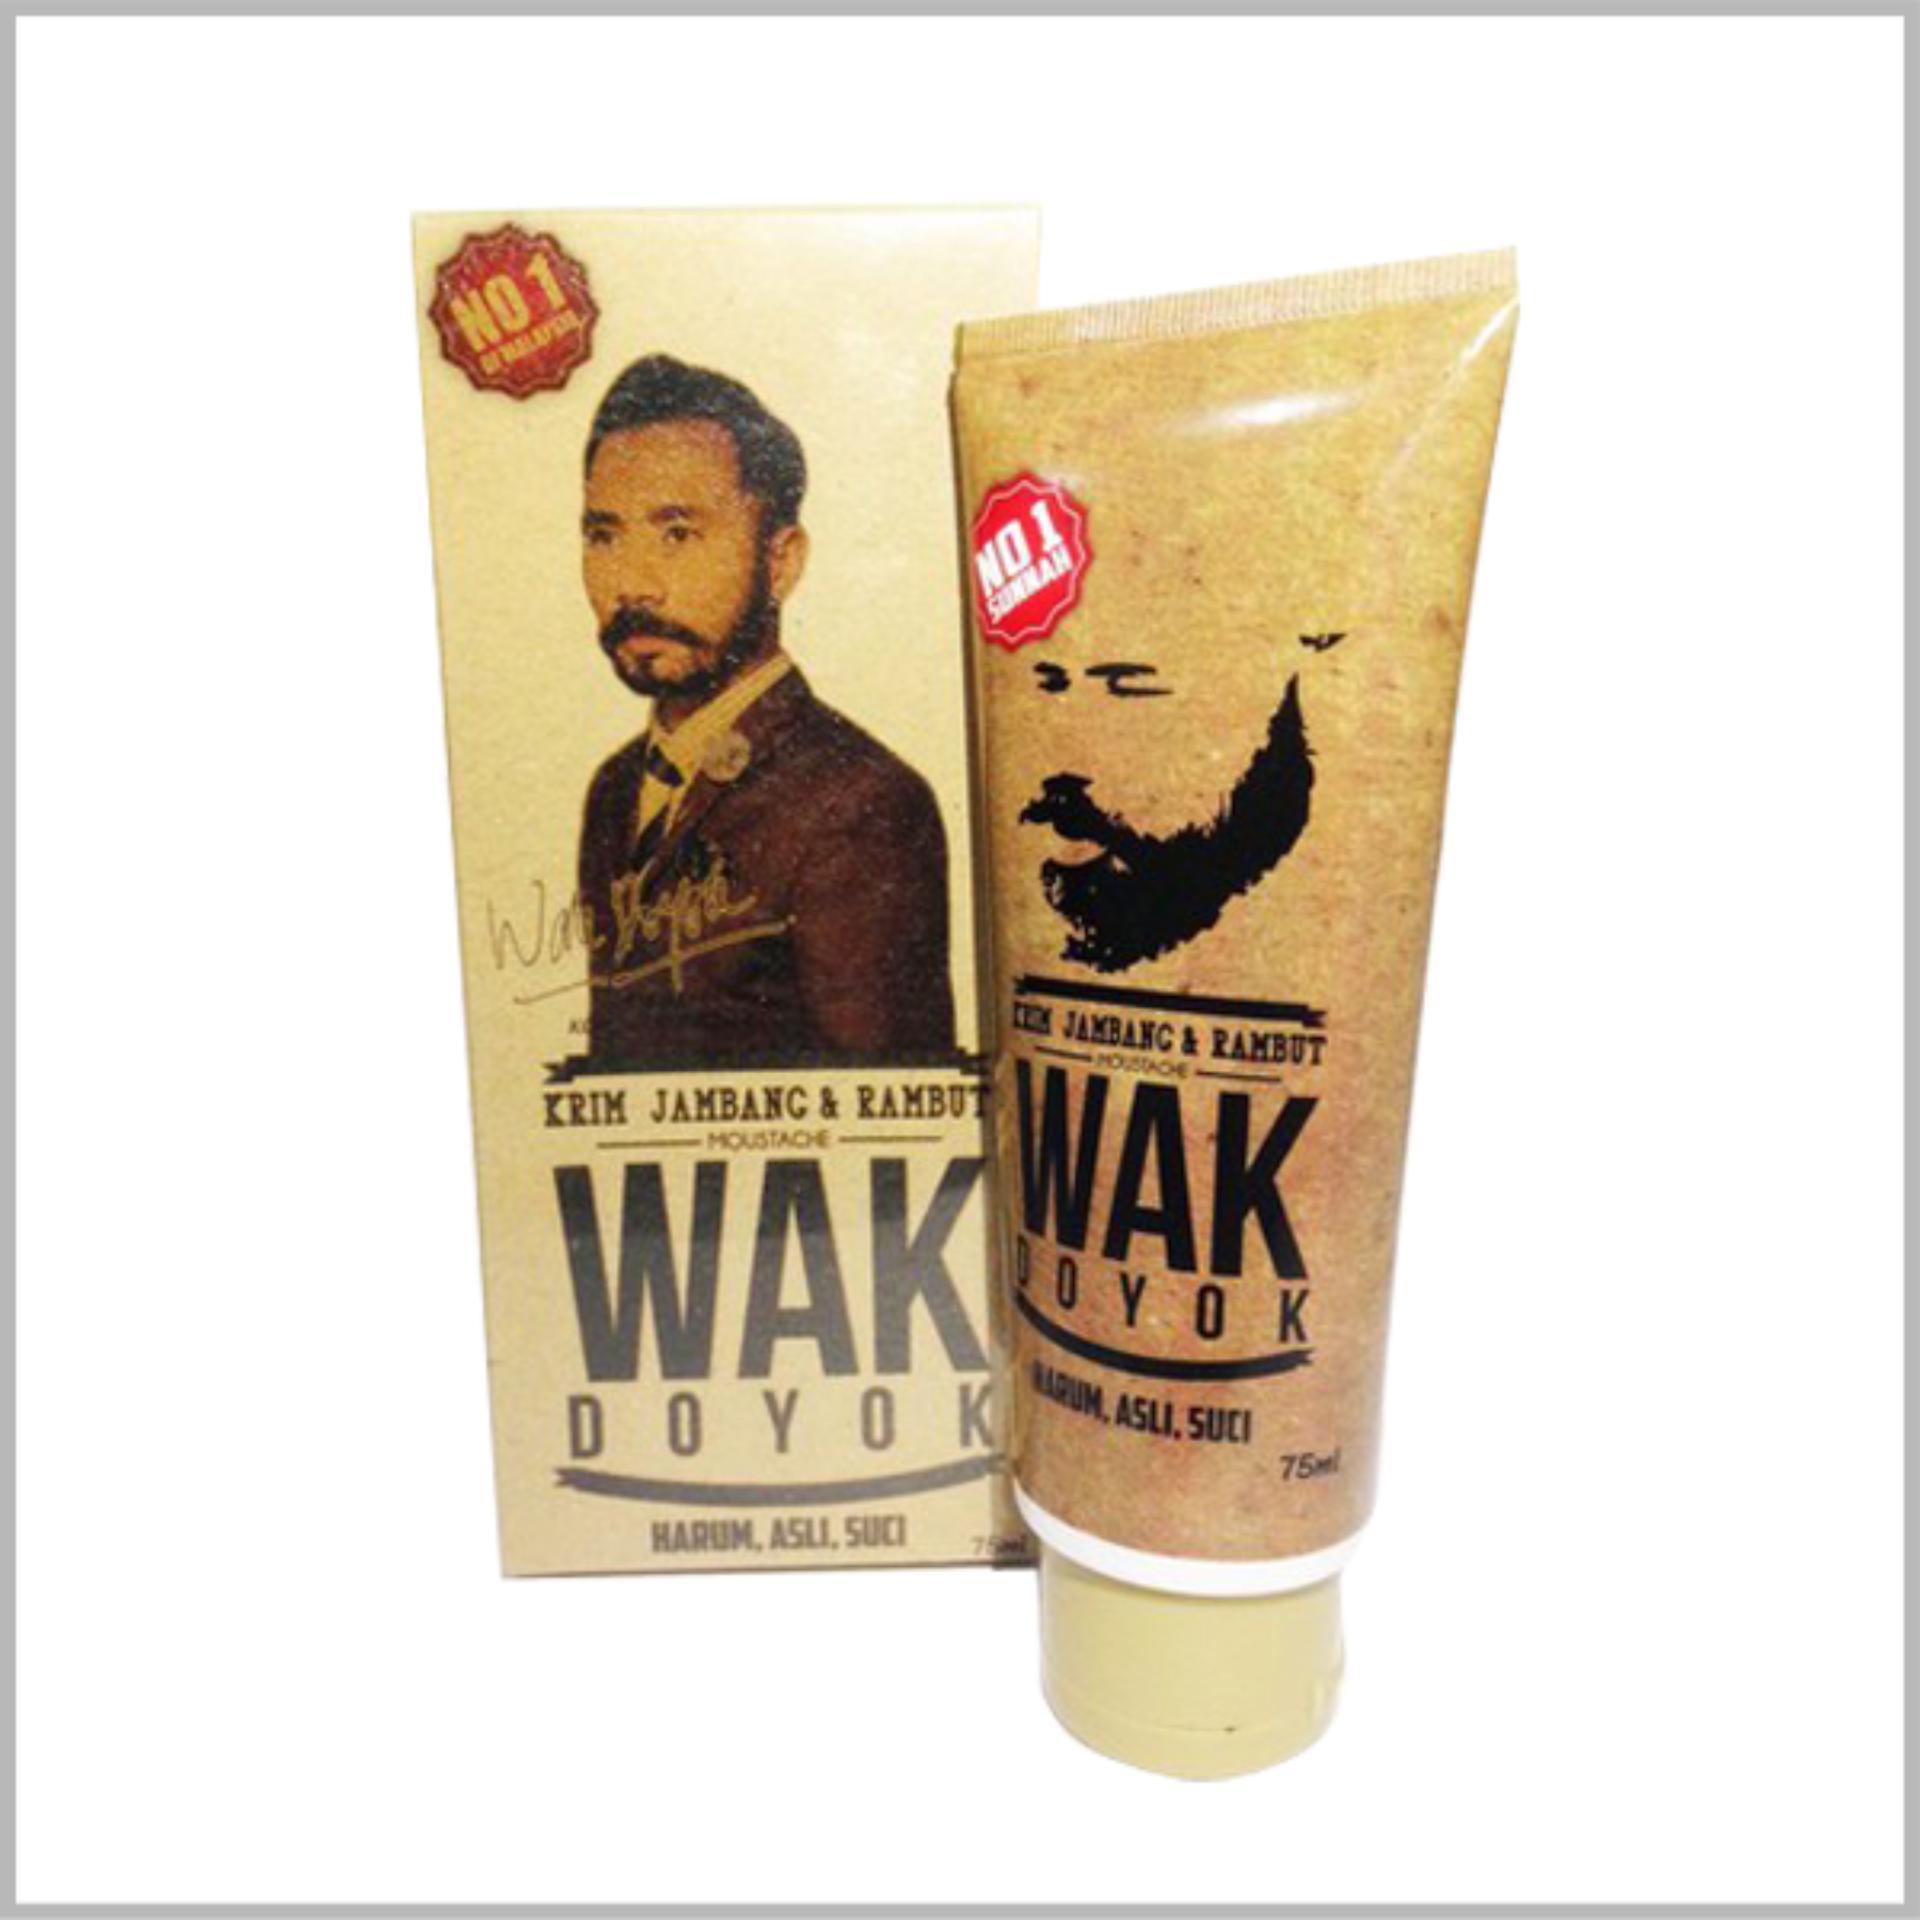 Wak Doyok Berhologram Original Cream Penumbuh Jambang Herbal Dada 75 Ml Krim Jenggot Kumis Rambut Alis 100 Dan 75ml Jual Bulu